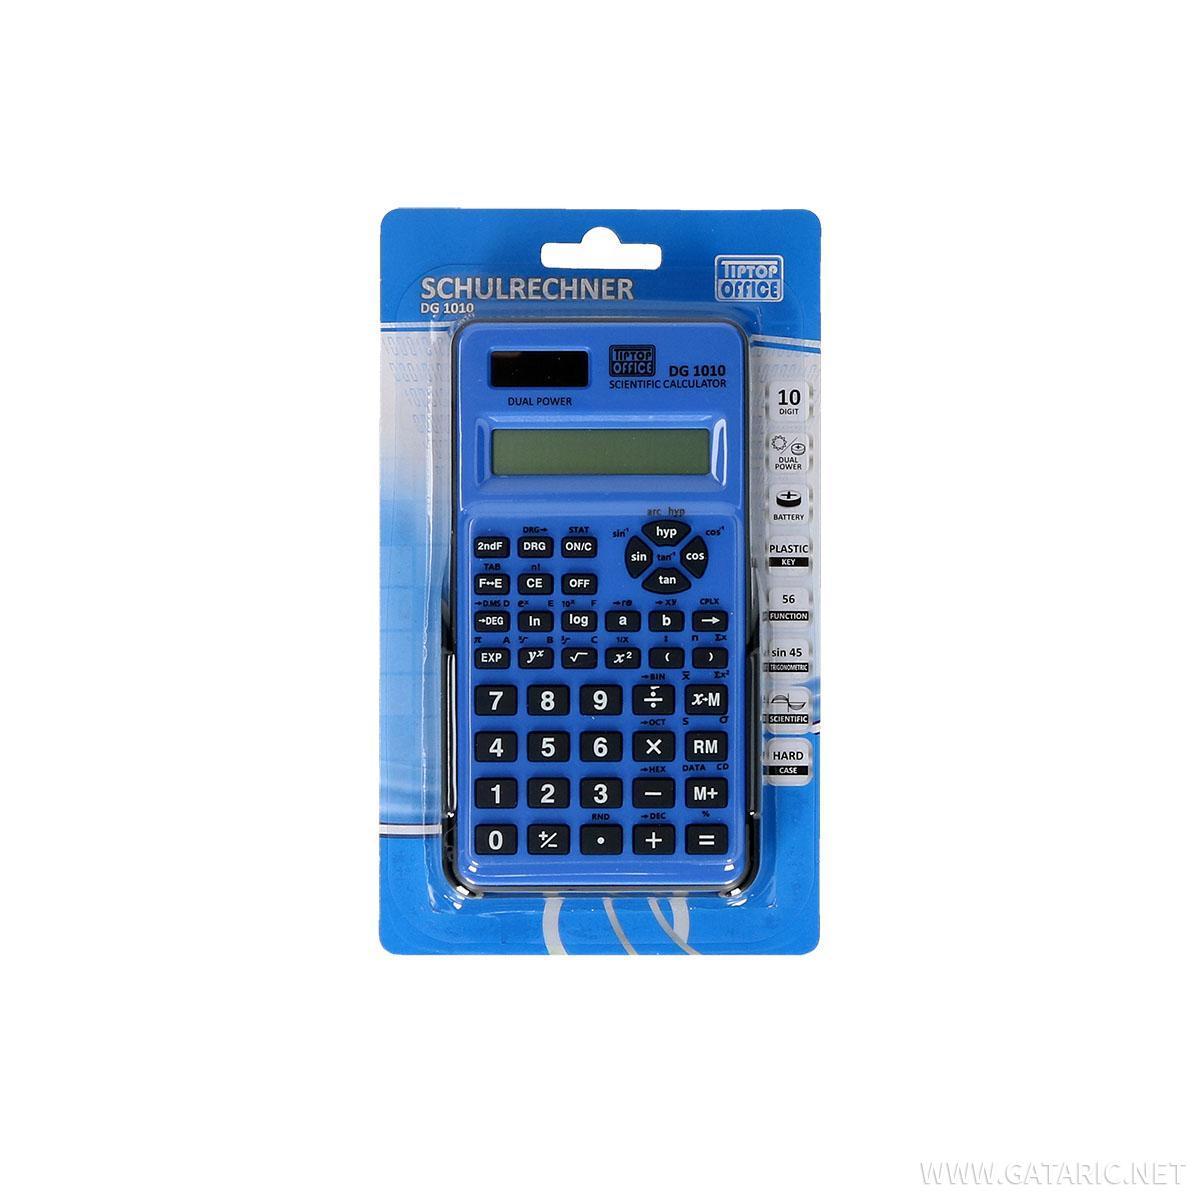 Školski digitron sa funkcijama ''DG-1010'', 12 cifara